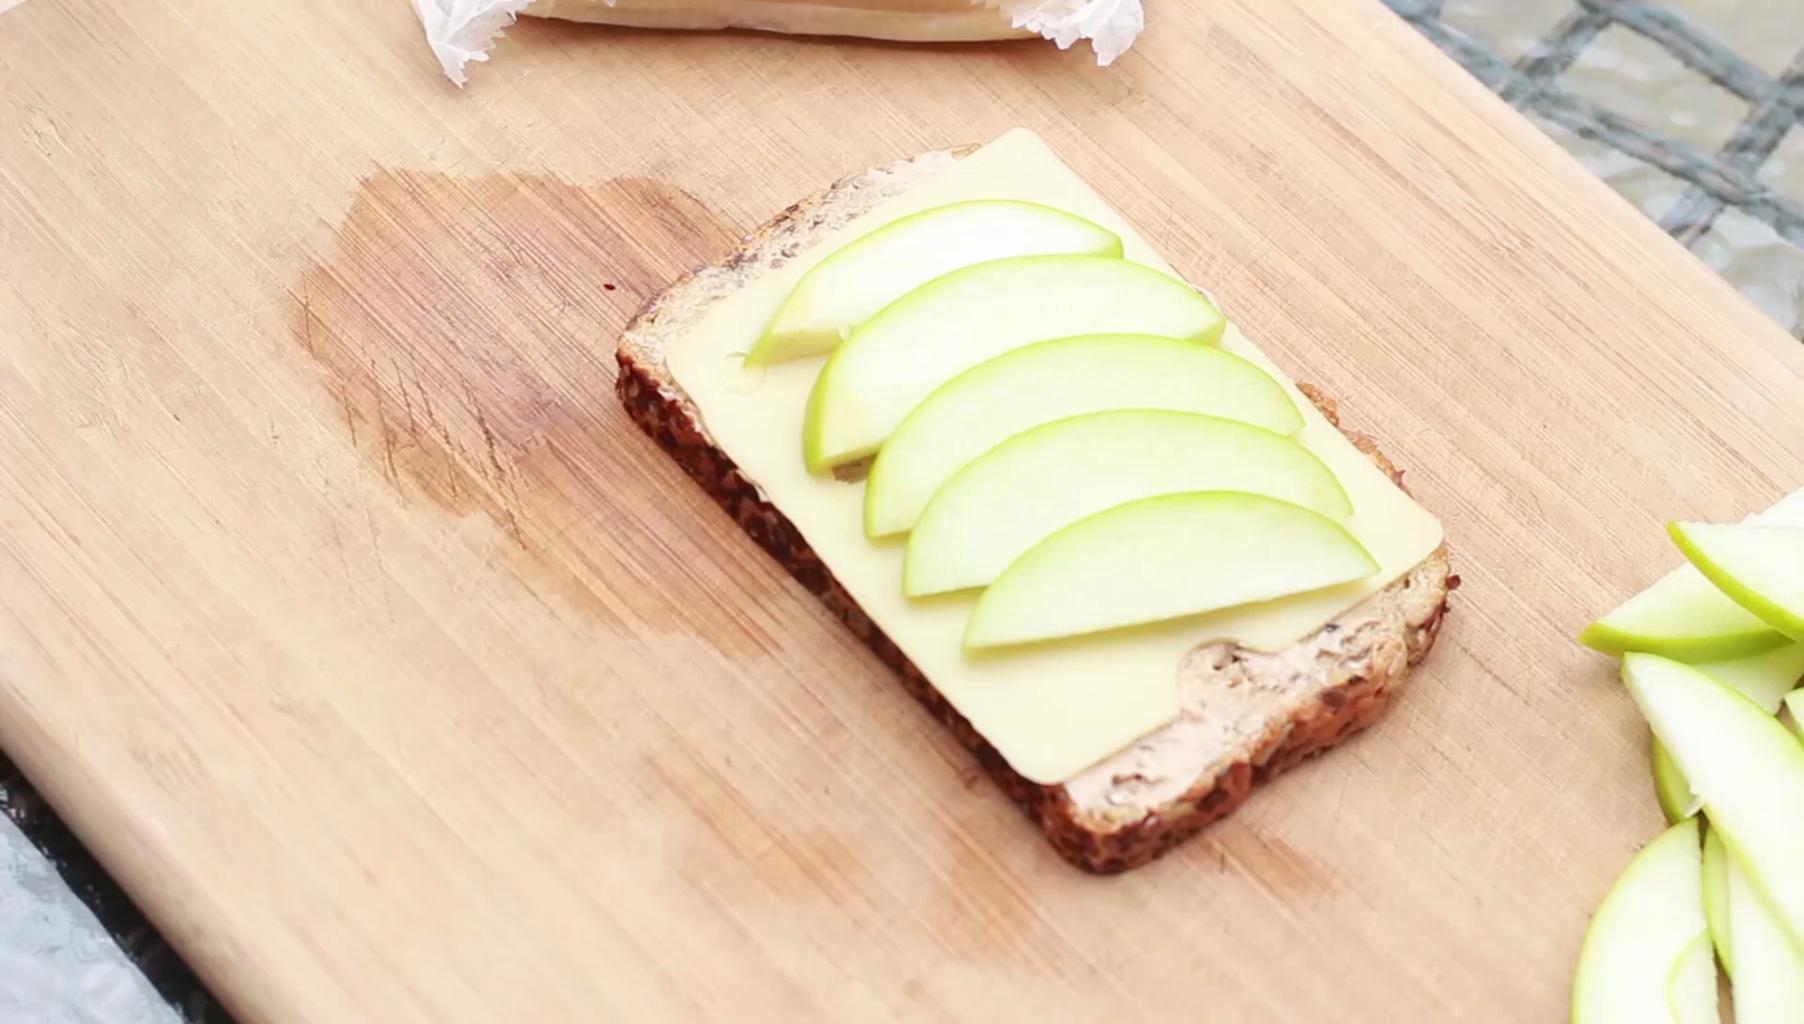 Assemble the Sandwich